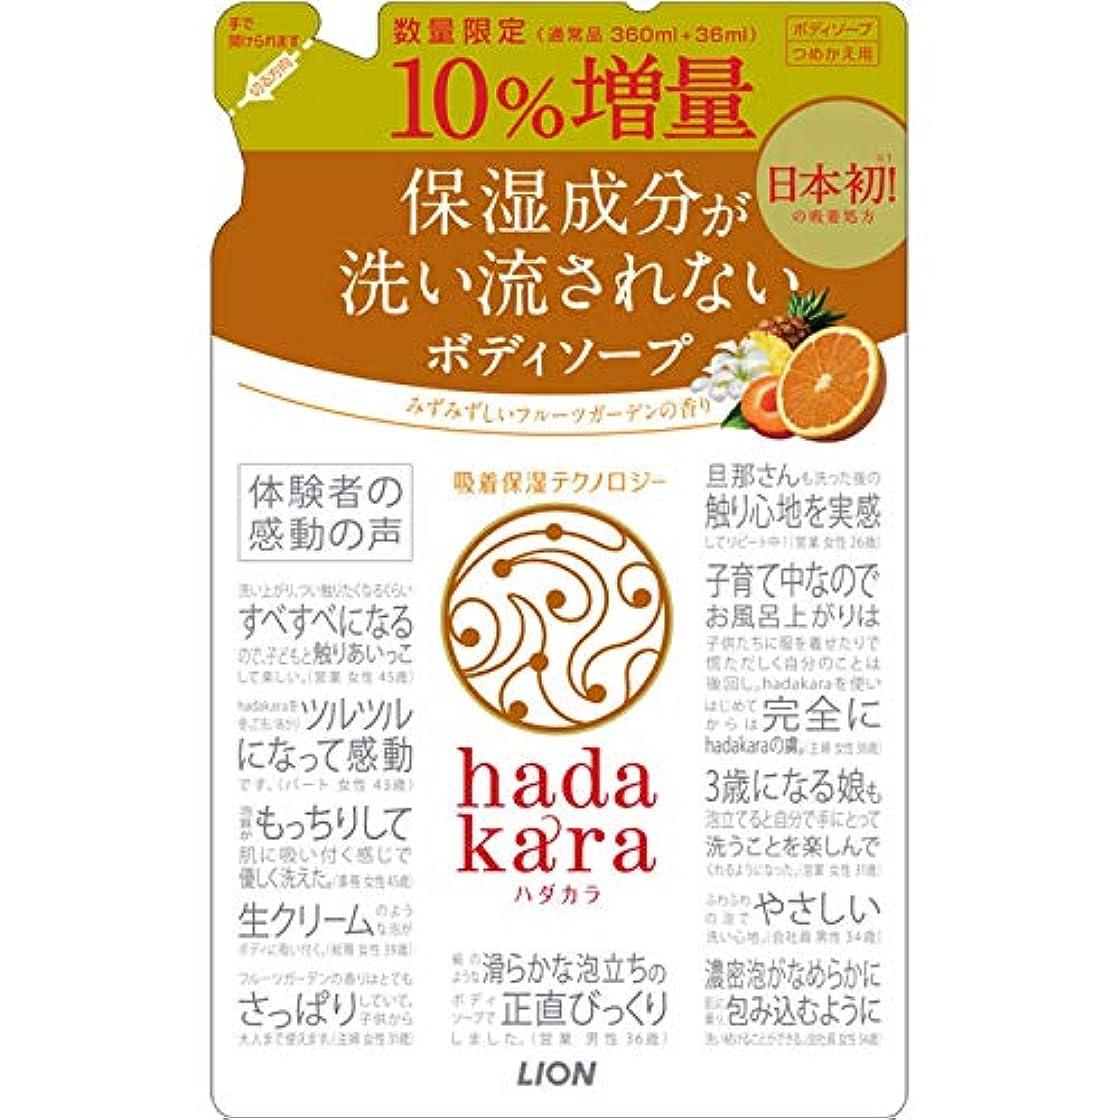 九時四十五分買収国家【数量限定】hadakara(ハダカラ) ボディソープ フルーツガーデンの香り つめかえ用 10%増量 396ml